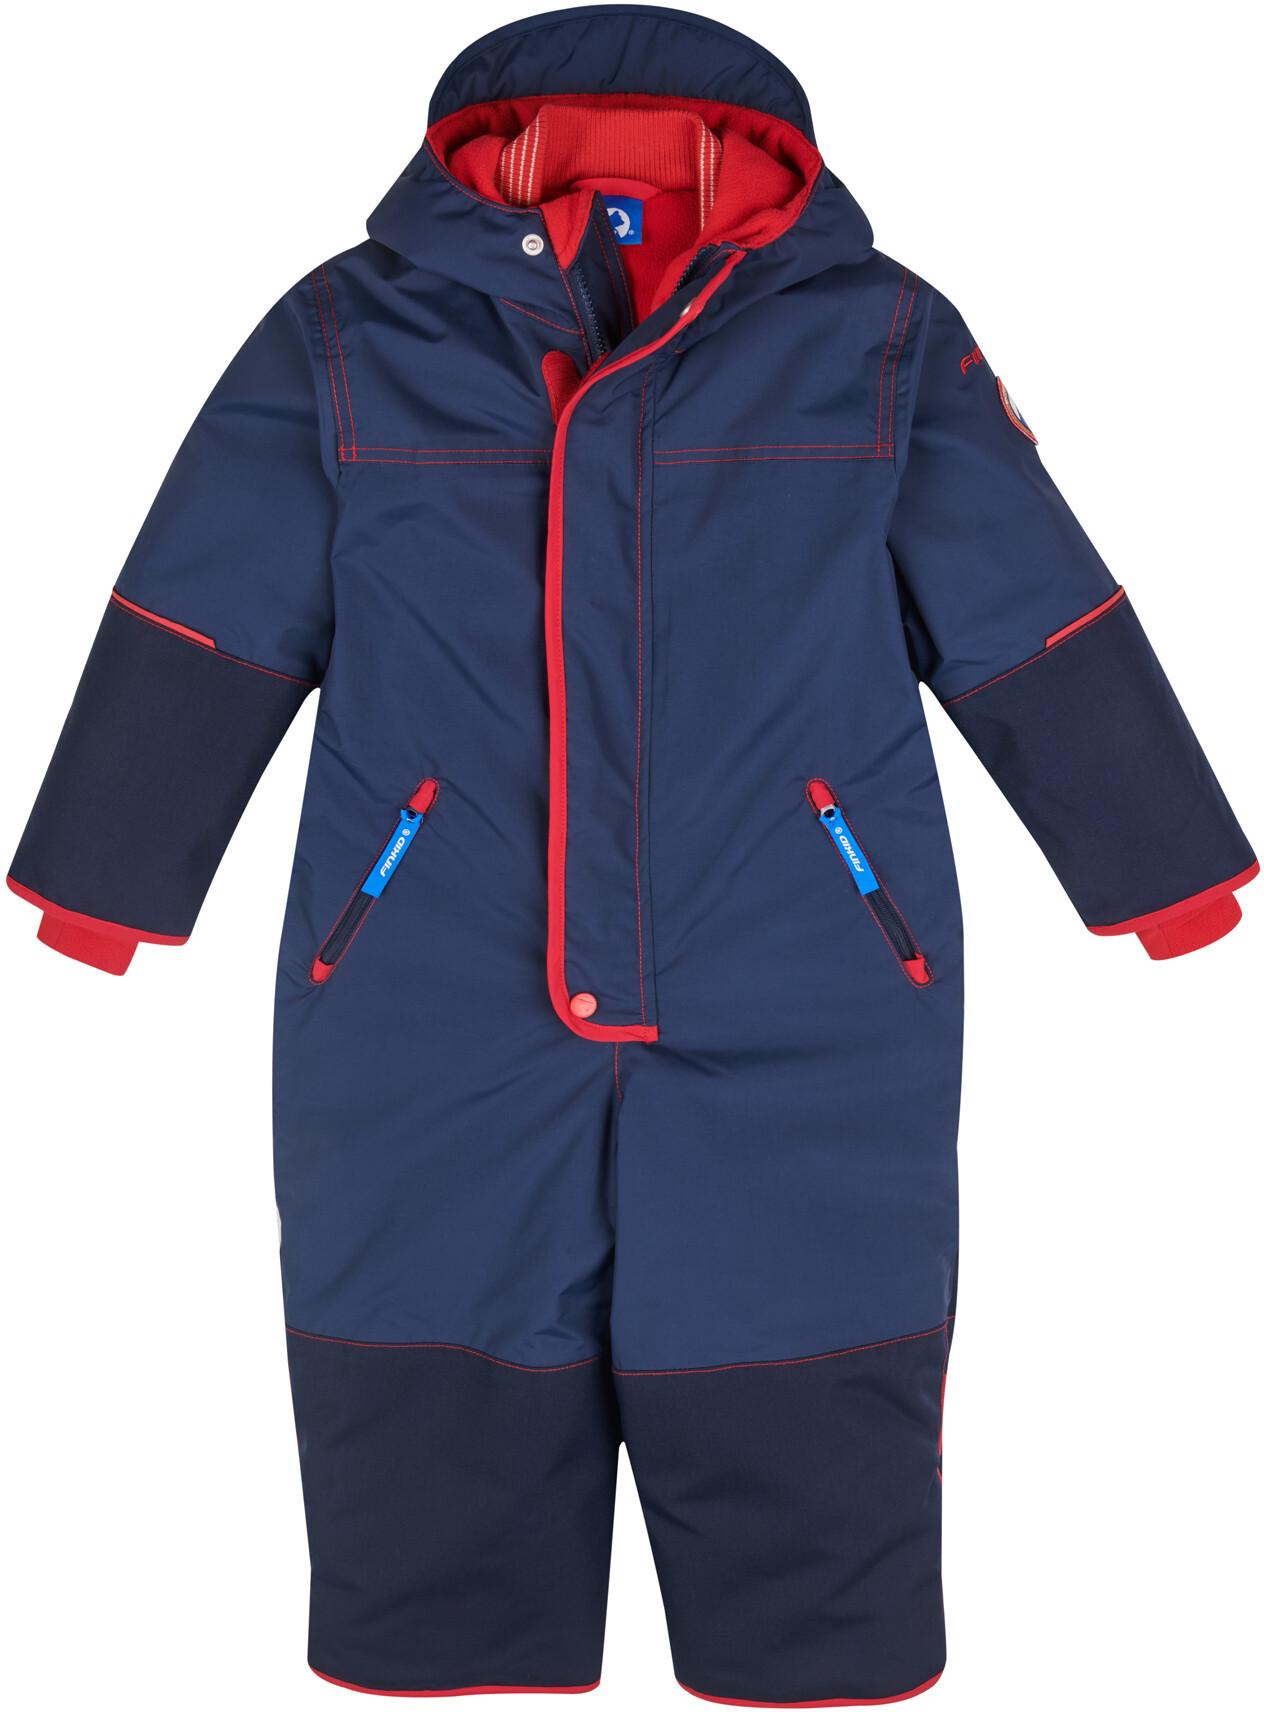 Finkid Pikku Winter navy red Kinder Ski /& Schneeanzug Winter Outdoor Overall